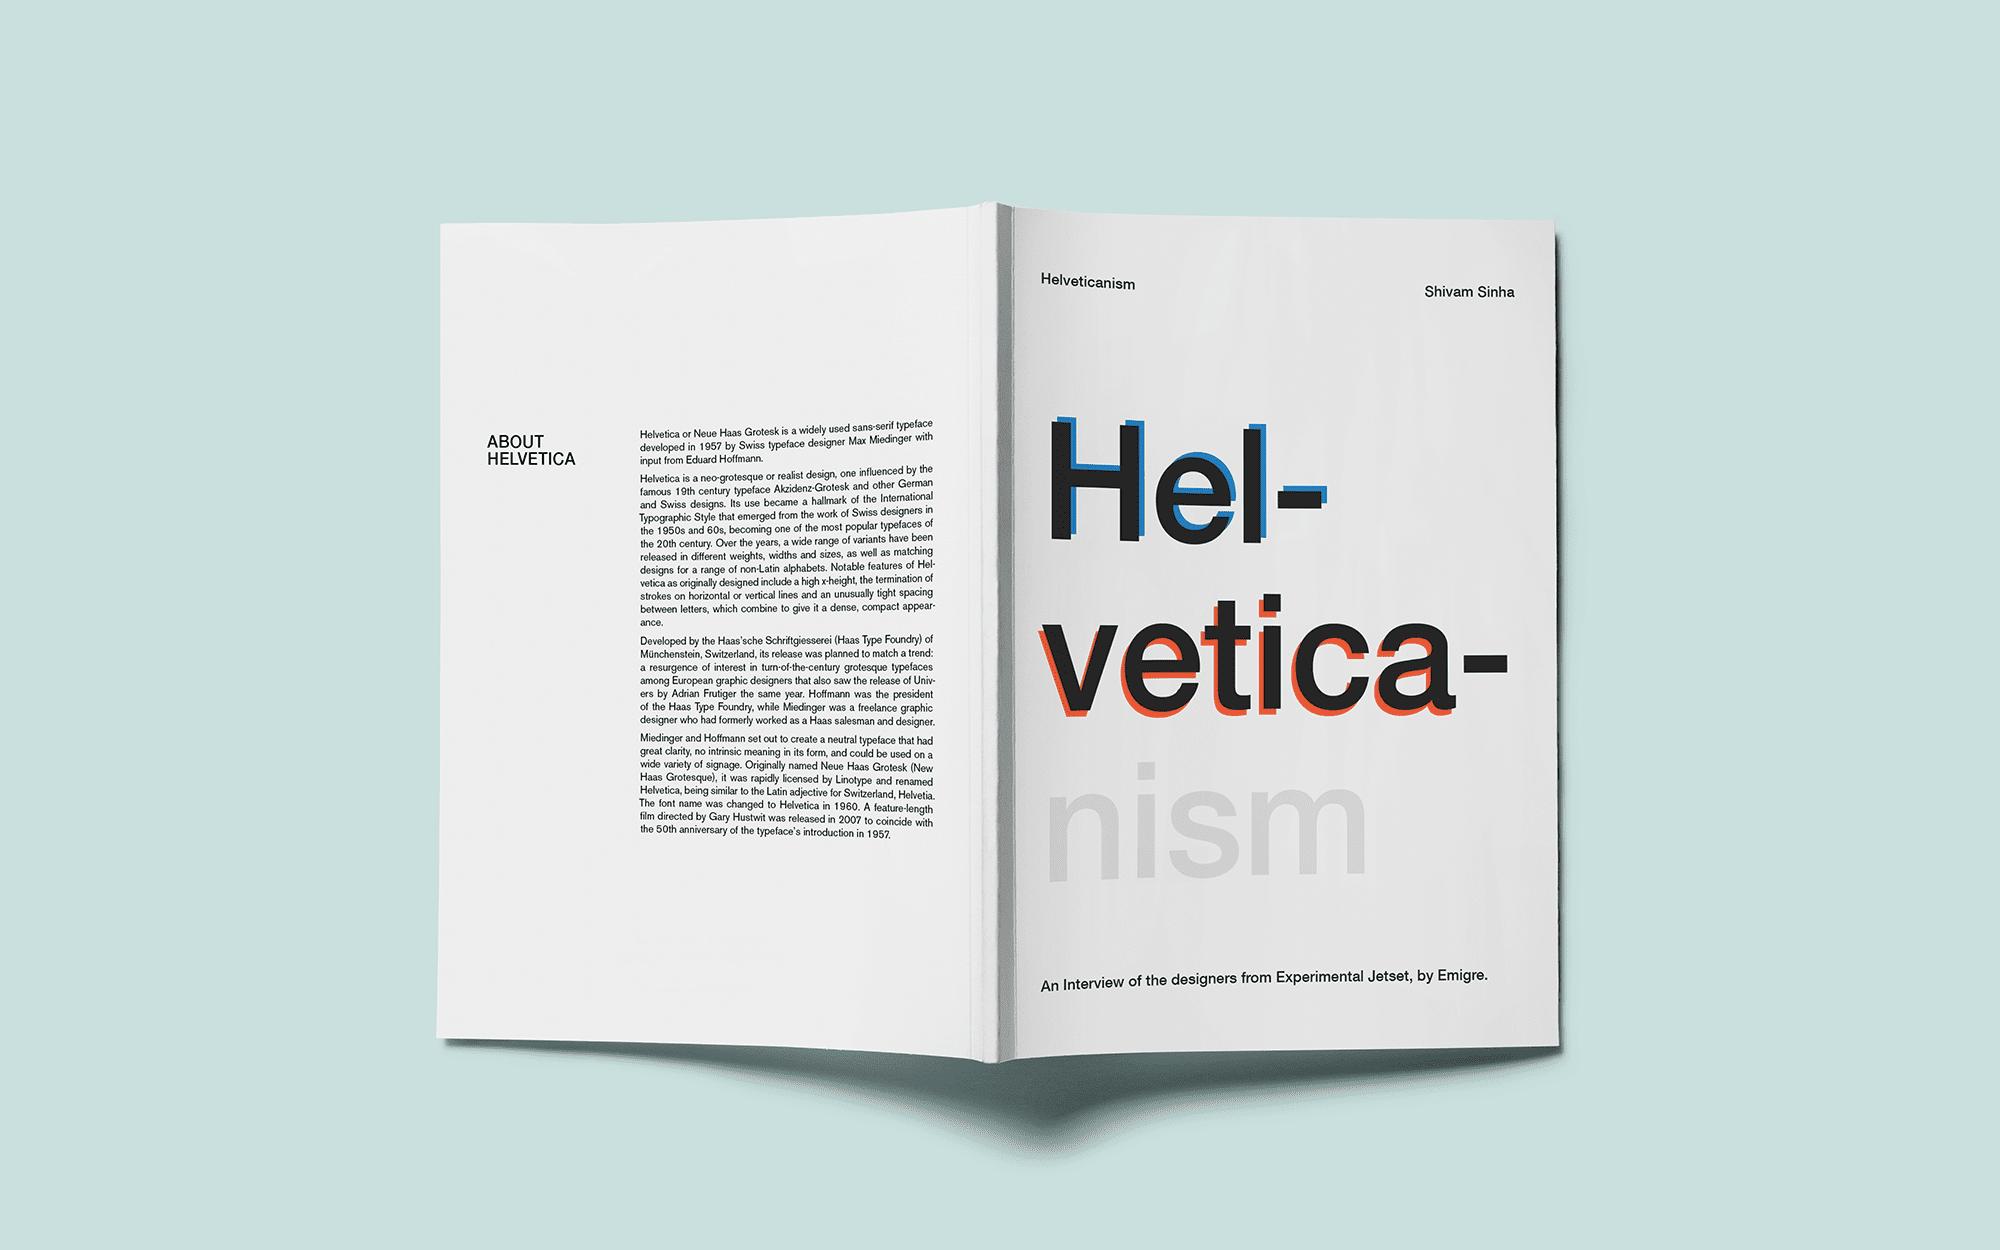 Helveticanism